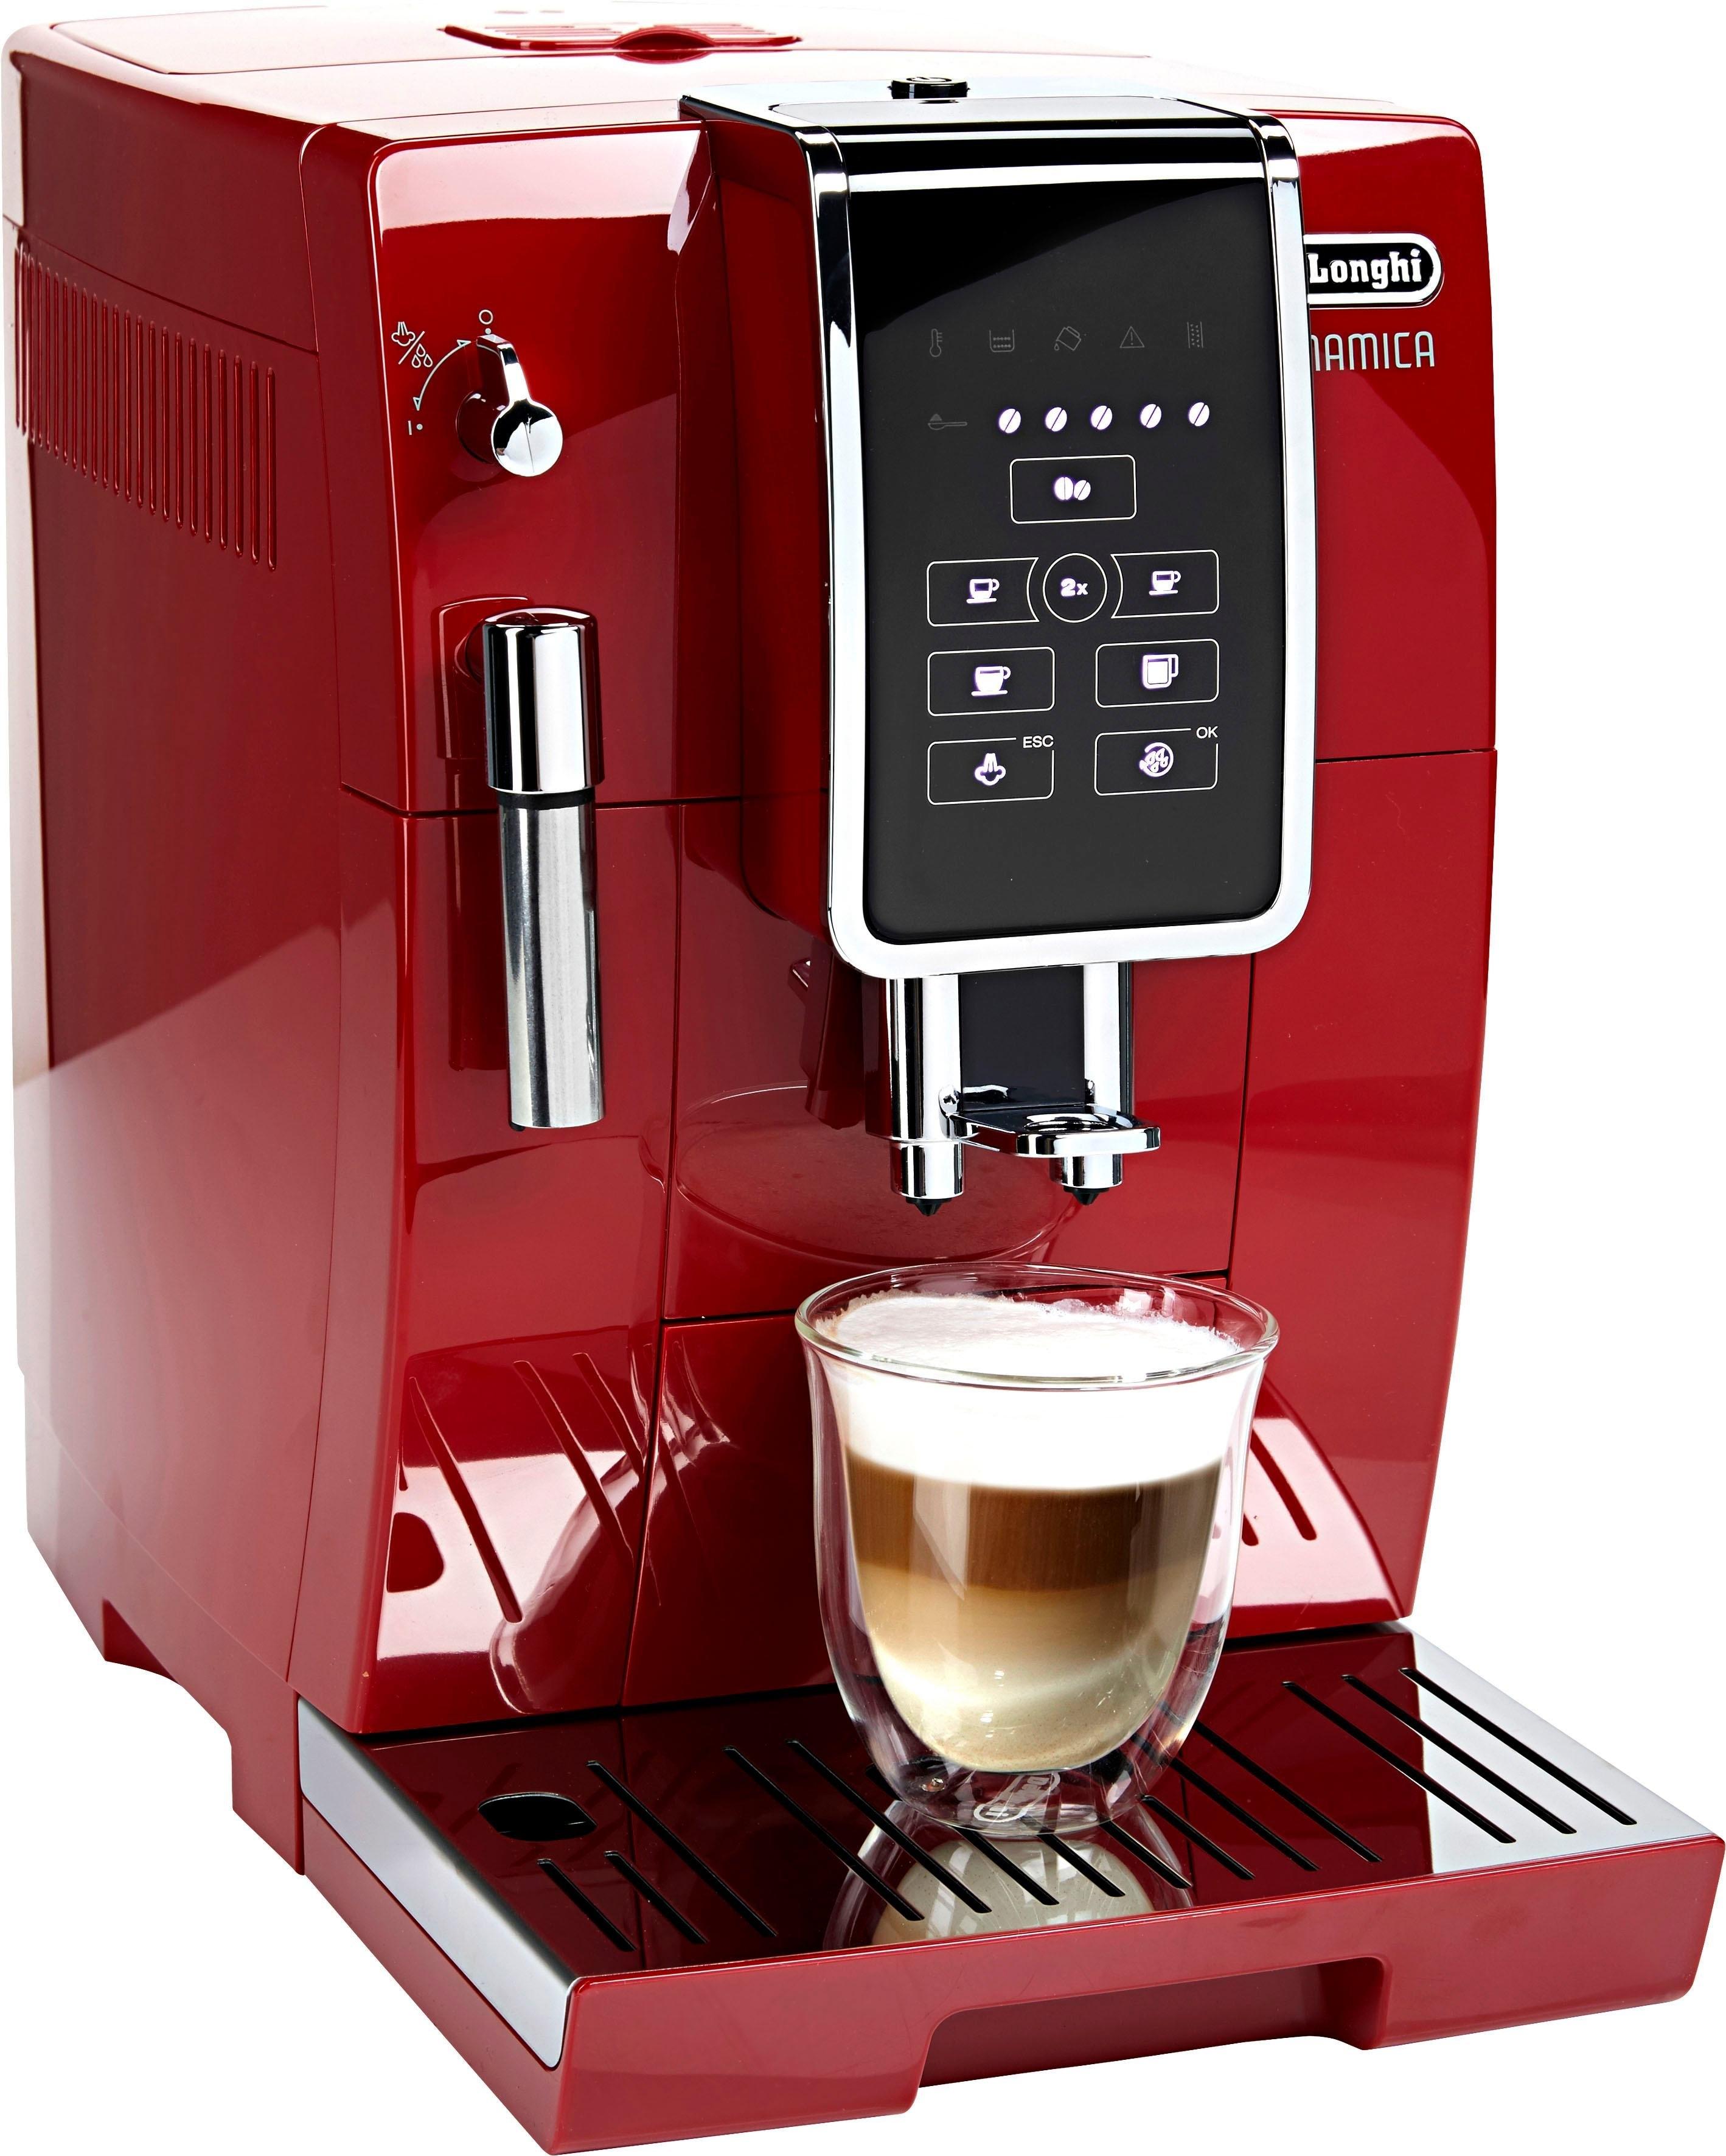 Op zoek naar een De'longhi DELONGHI volautomatisch koffiezetapparaat Dinamica ECAM358.15.R, 1,8l reservoir, kegelmaalwerk? Koop online bij OTTO